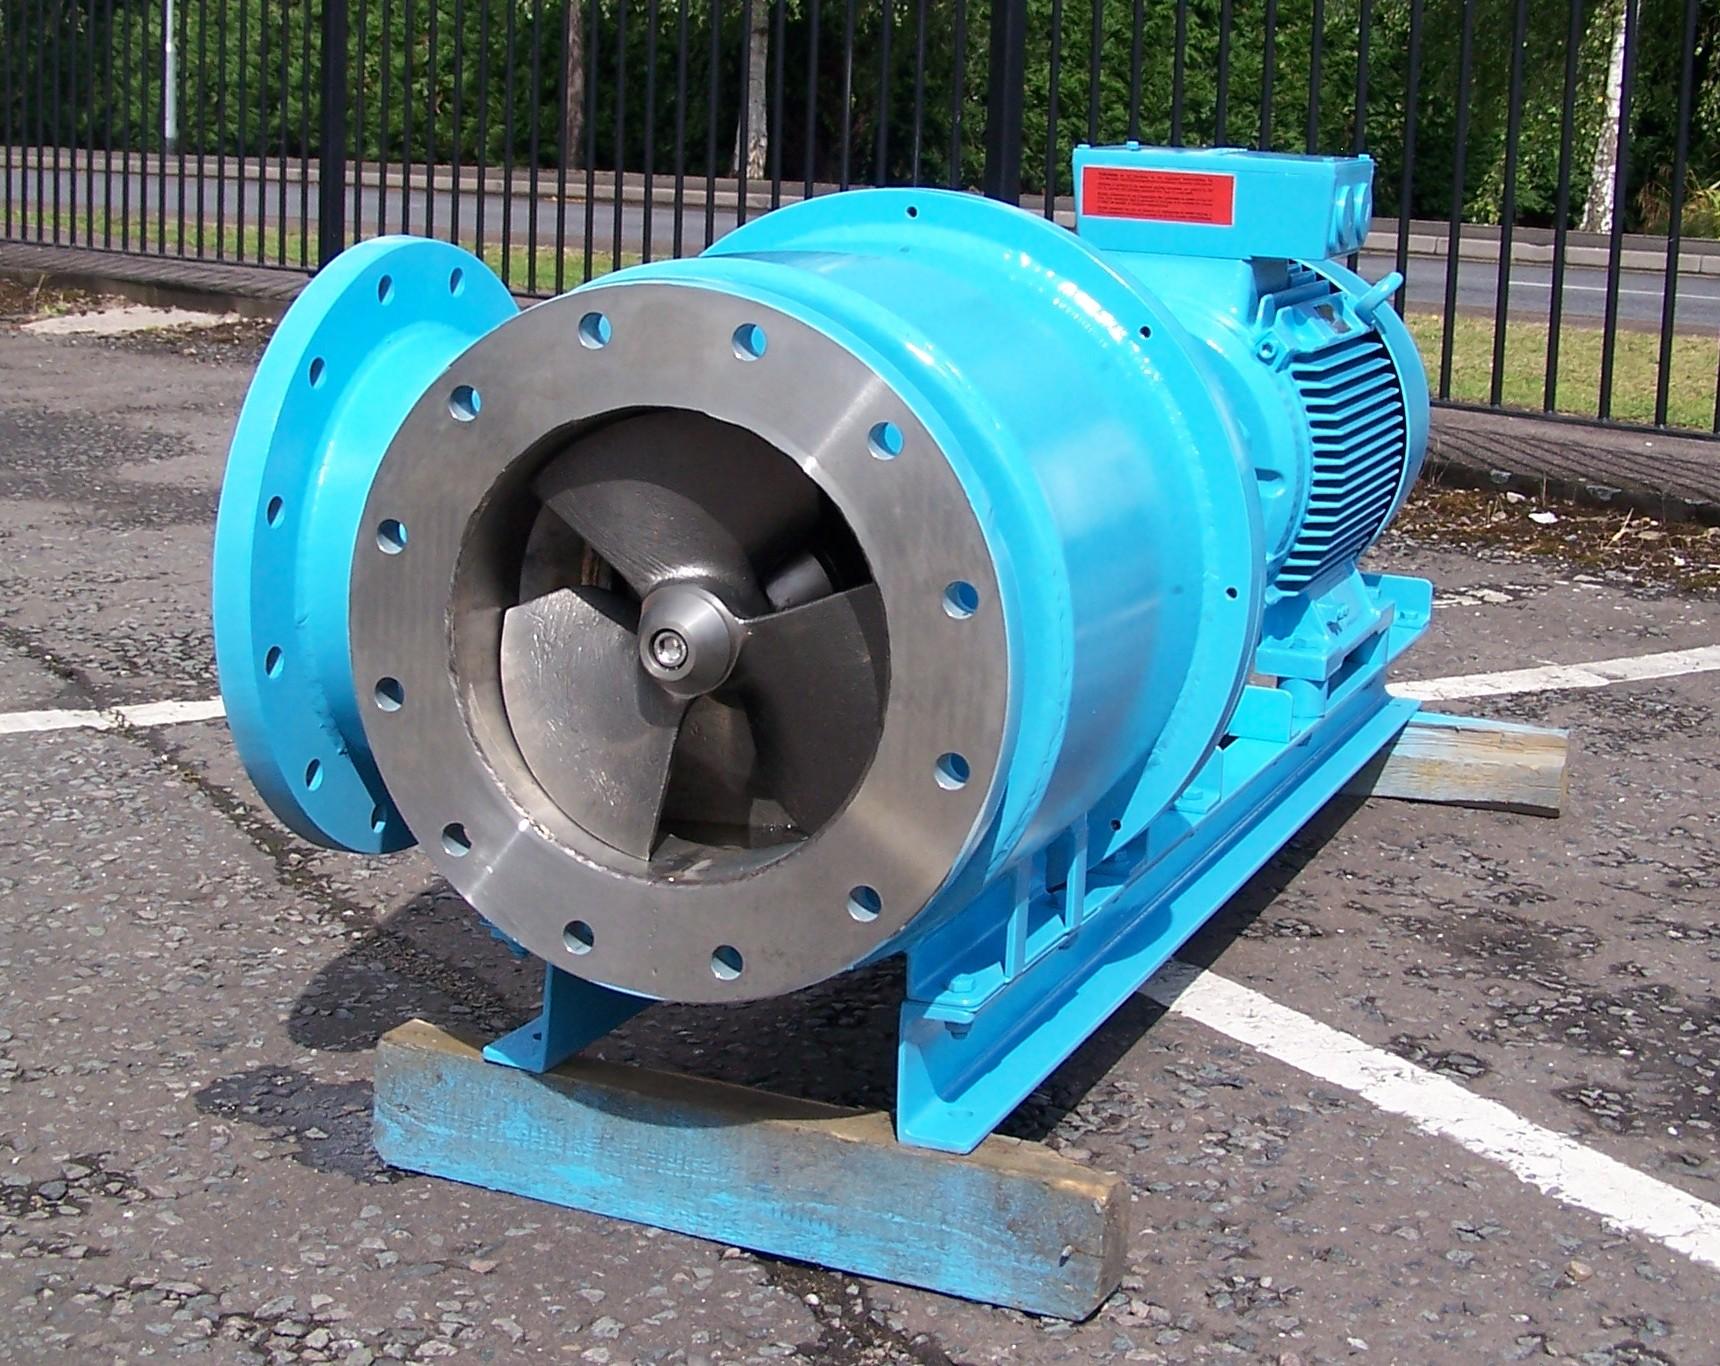 Axial Flow Propeller Pumps : Axial flow pumps quax